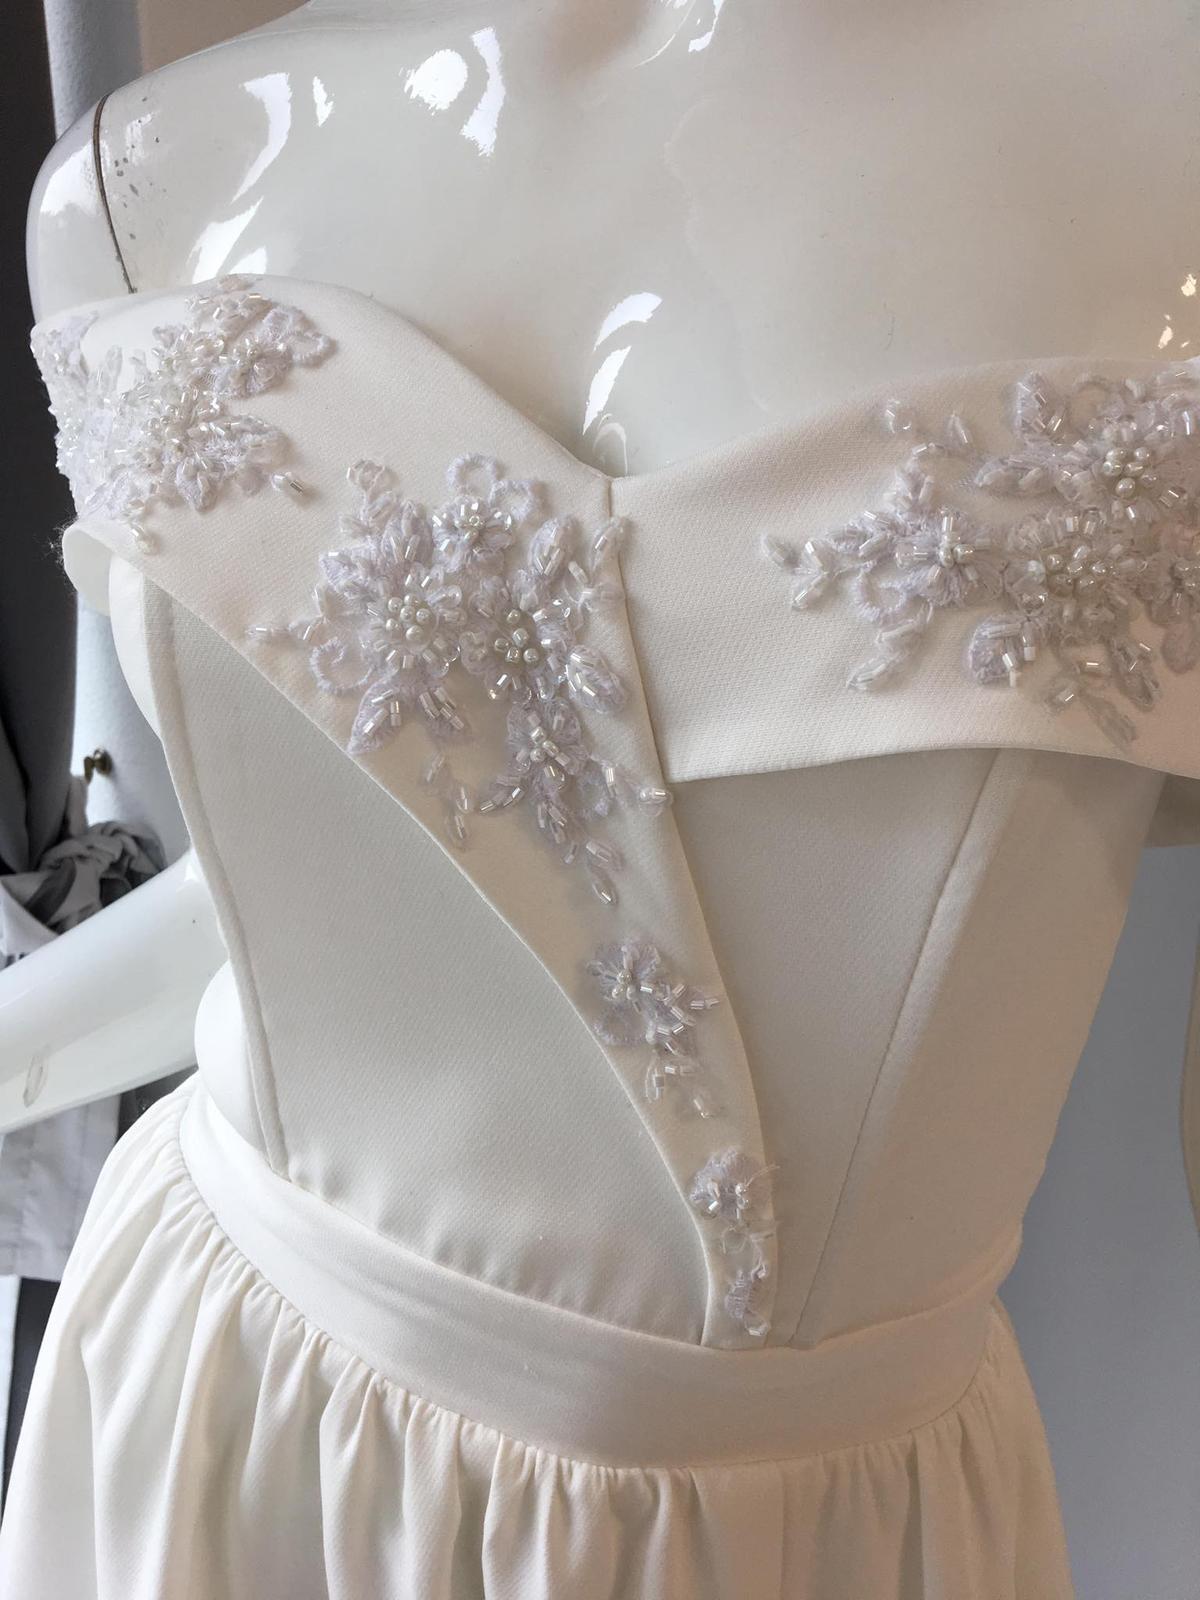 Biele popolnočné šaty - Obrázok č. 2